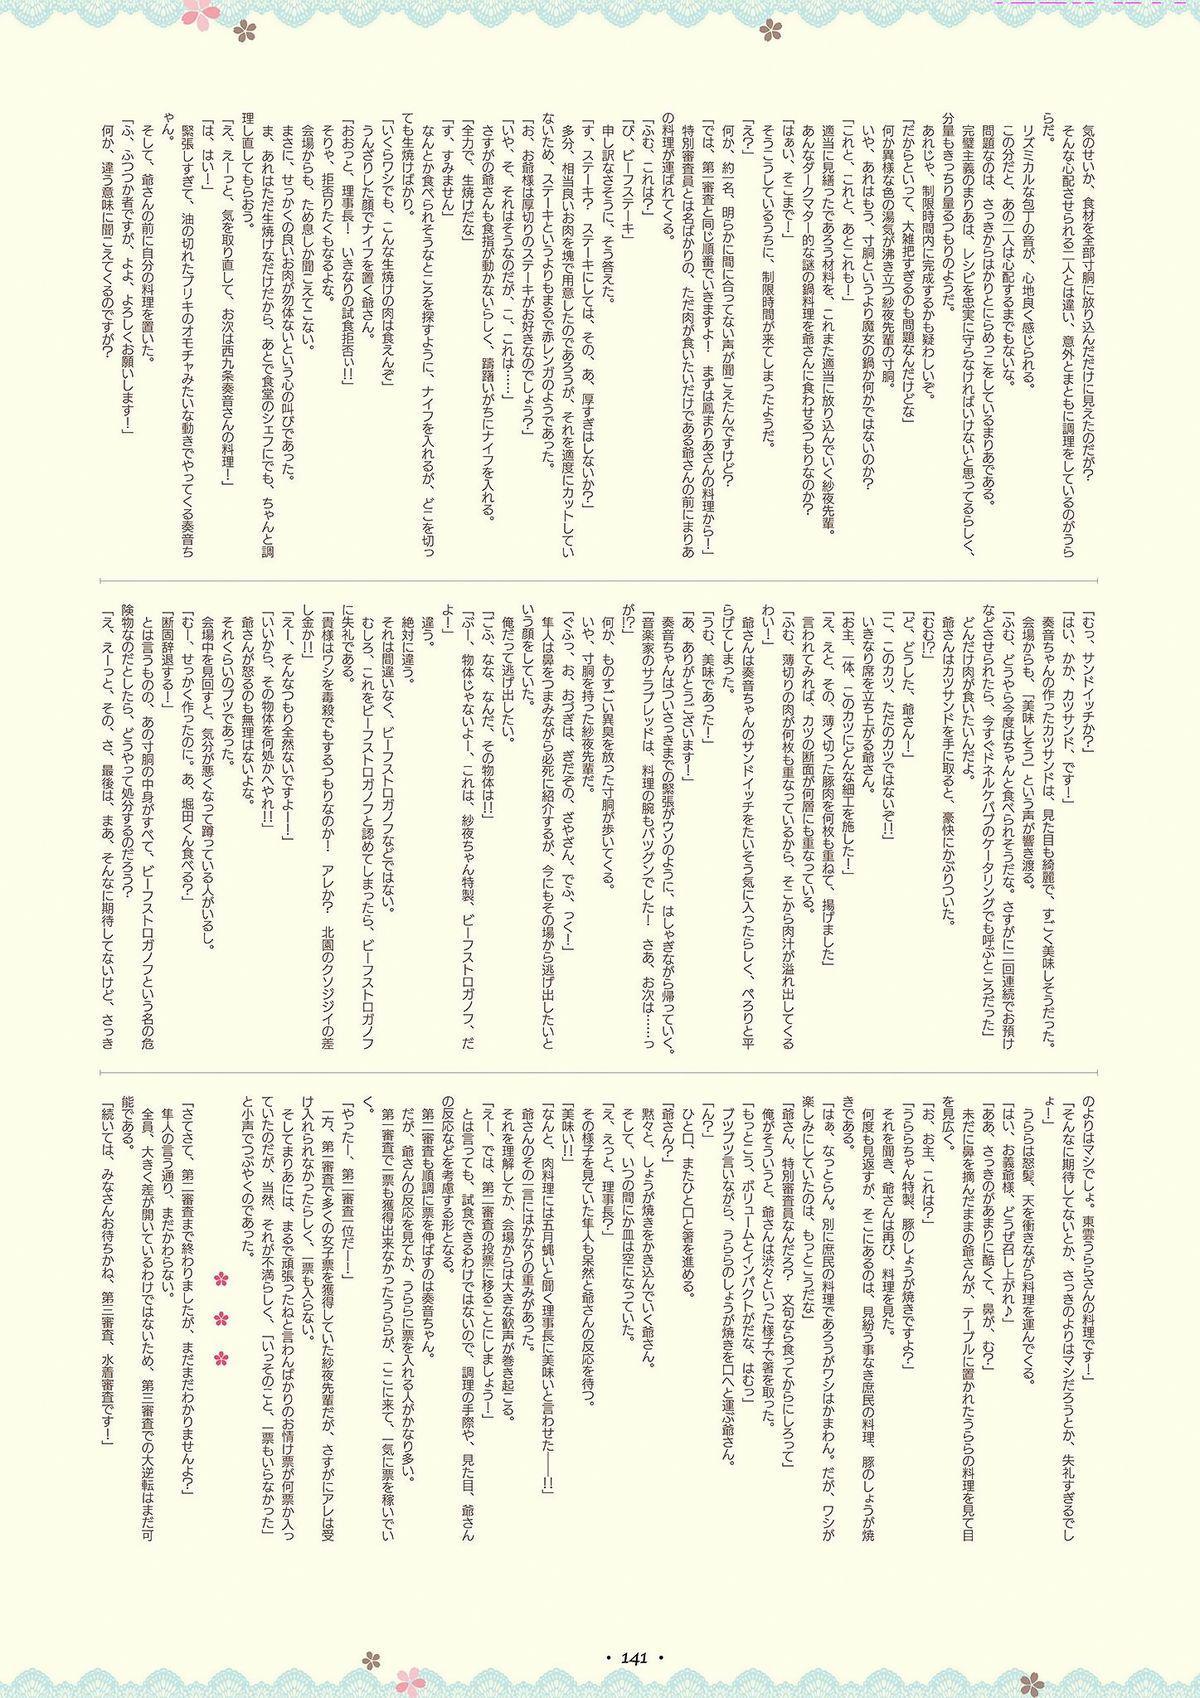 Shukufuku no Kane no Oto wa, Sakura-iro no Kaze to Tomo ni Visual Fanbook 138